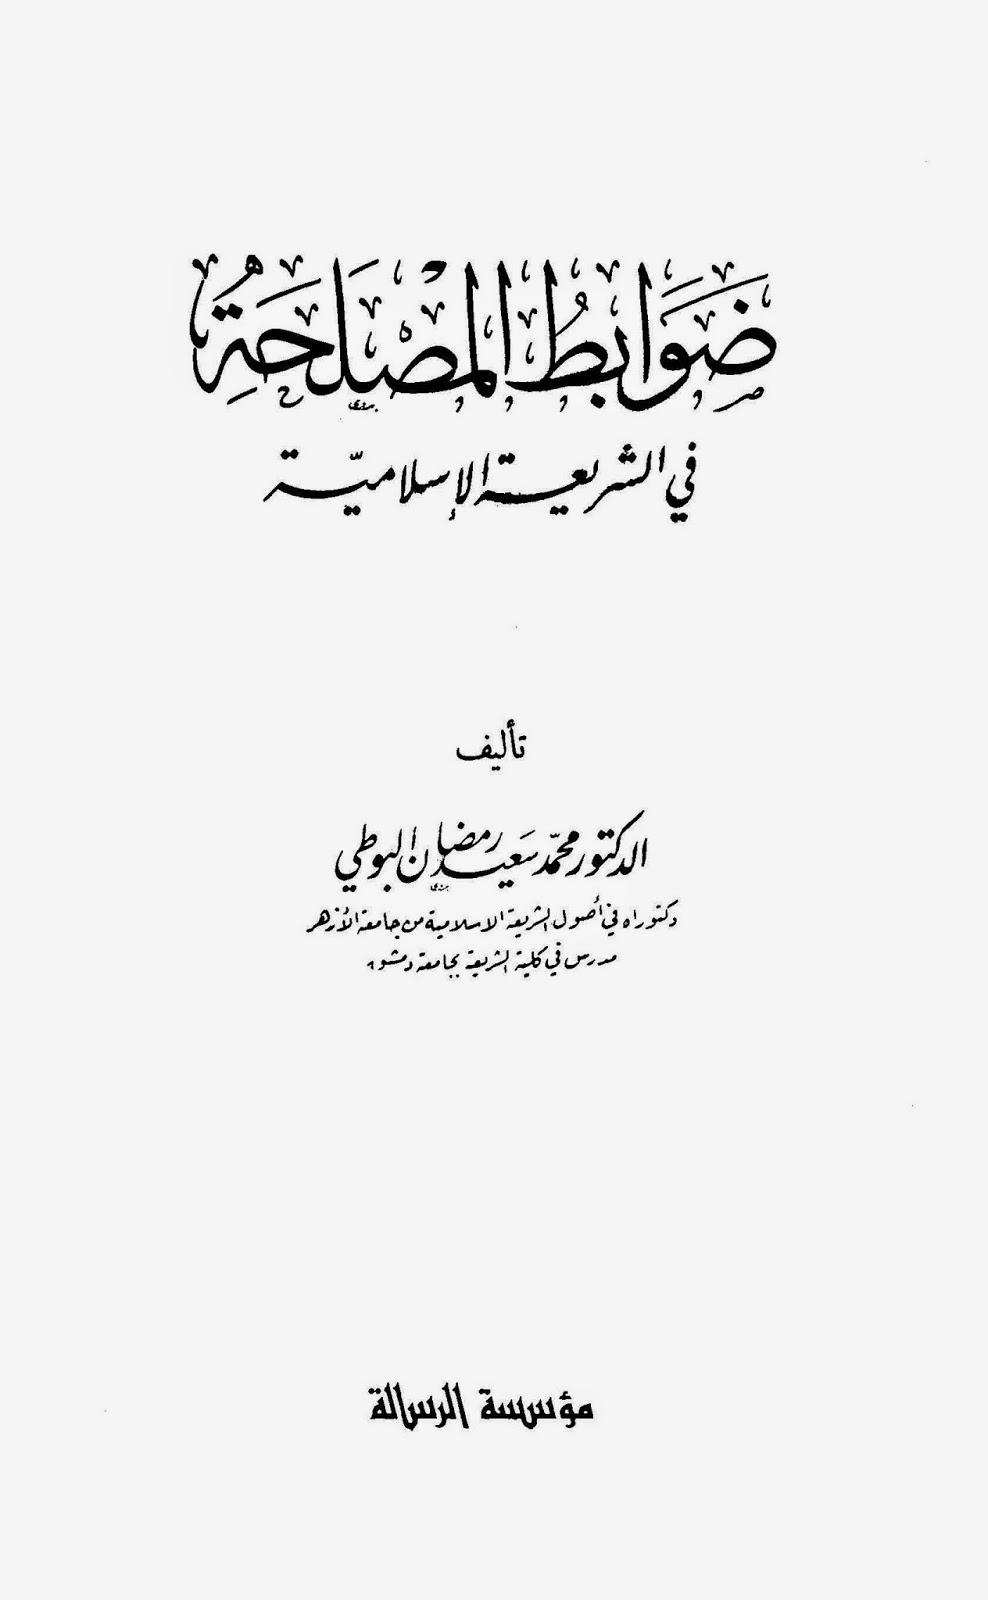 ضوابط المصلحة في الشريعة الإسلامية لـ محمد سعيد رمضان البوطي ( طبعة الرسالة )